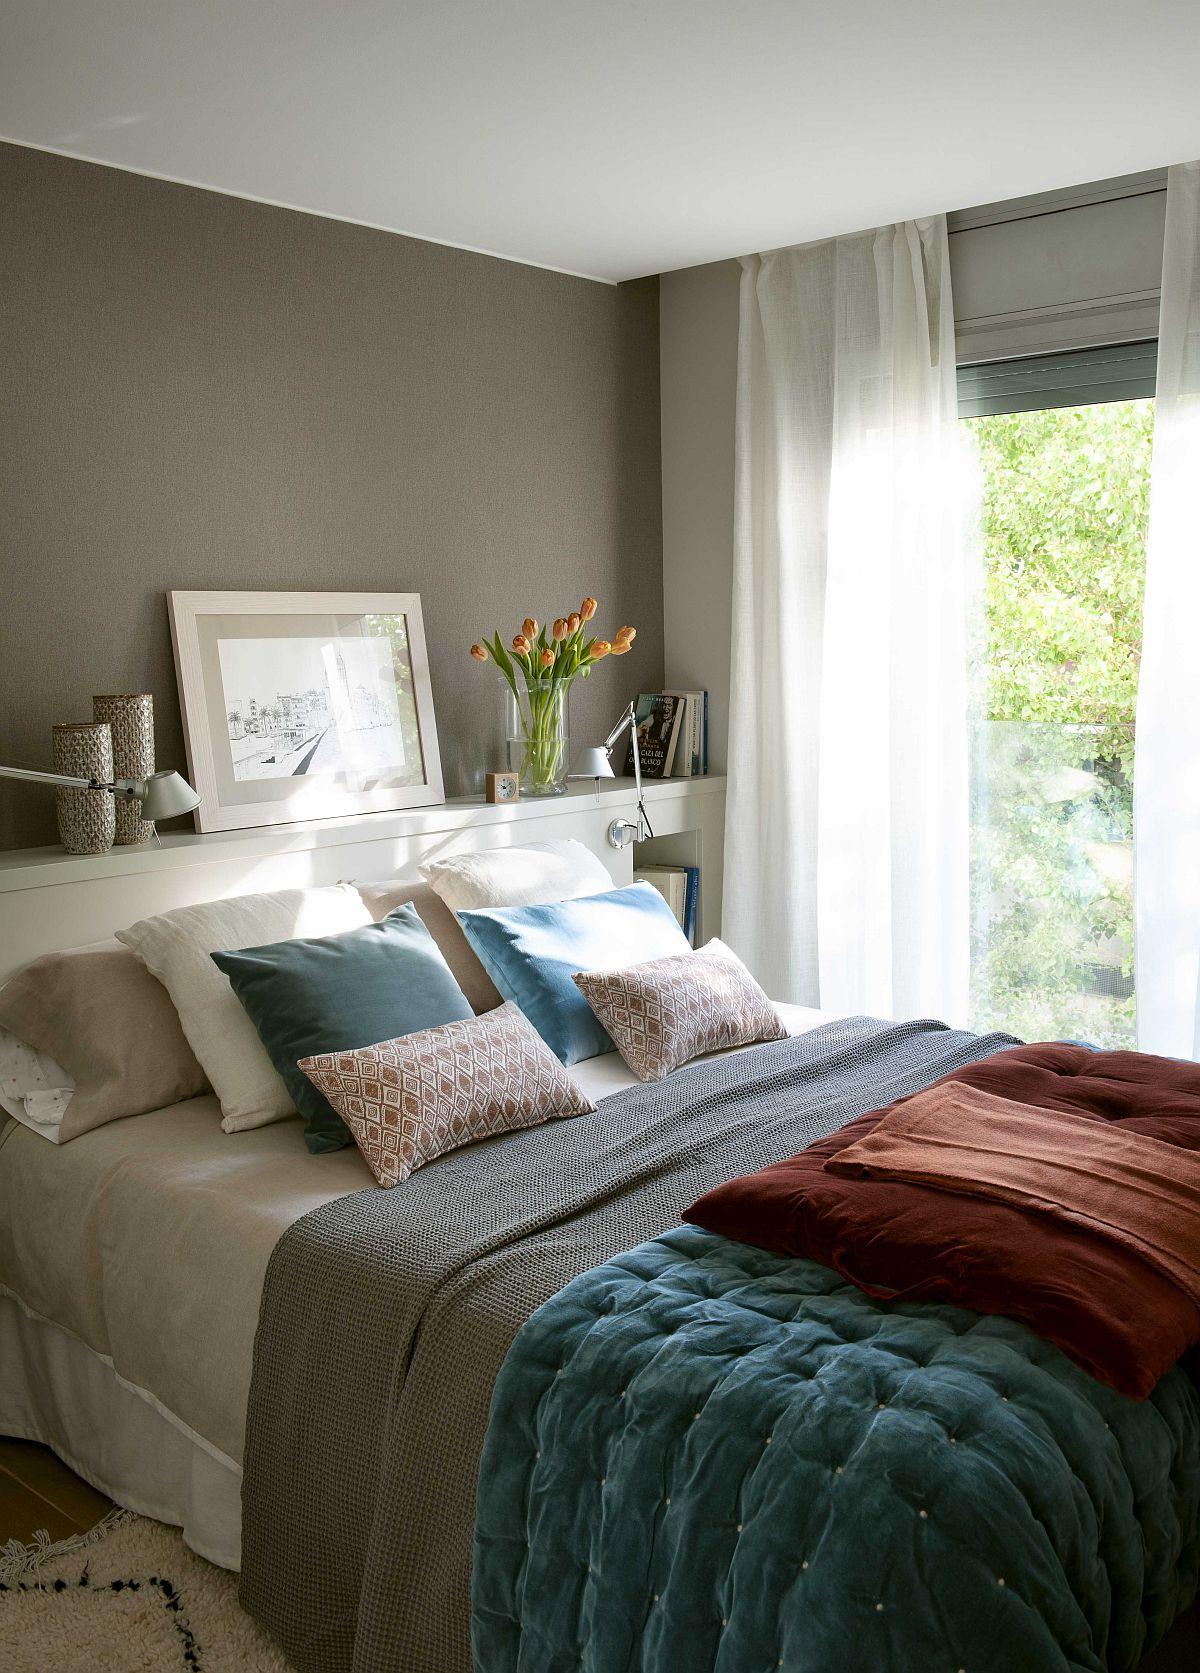 Pentru mai mult spațiu în zona de odihnă, designerul a prevăzut în locul noptierelor un corp de mobilier în spatele patului, care formează și tăblia acestuia. Astfel, spațiul modest ca și dimensiuni a putut fi folosit la maximum, lăsând suficient loc pentru dressing. O locuință plăcută, cu accente rustice calde, dar care nu alterează caracterul modern al apartamentului. Sper să te inspire și pe tine!